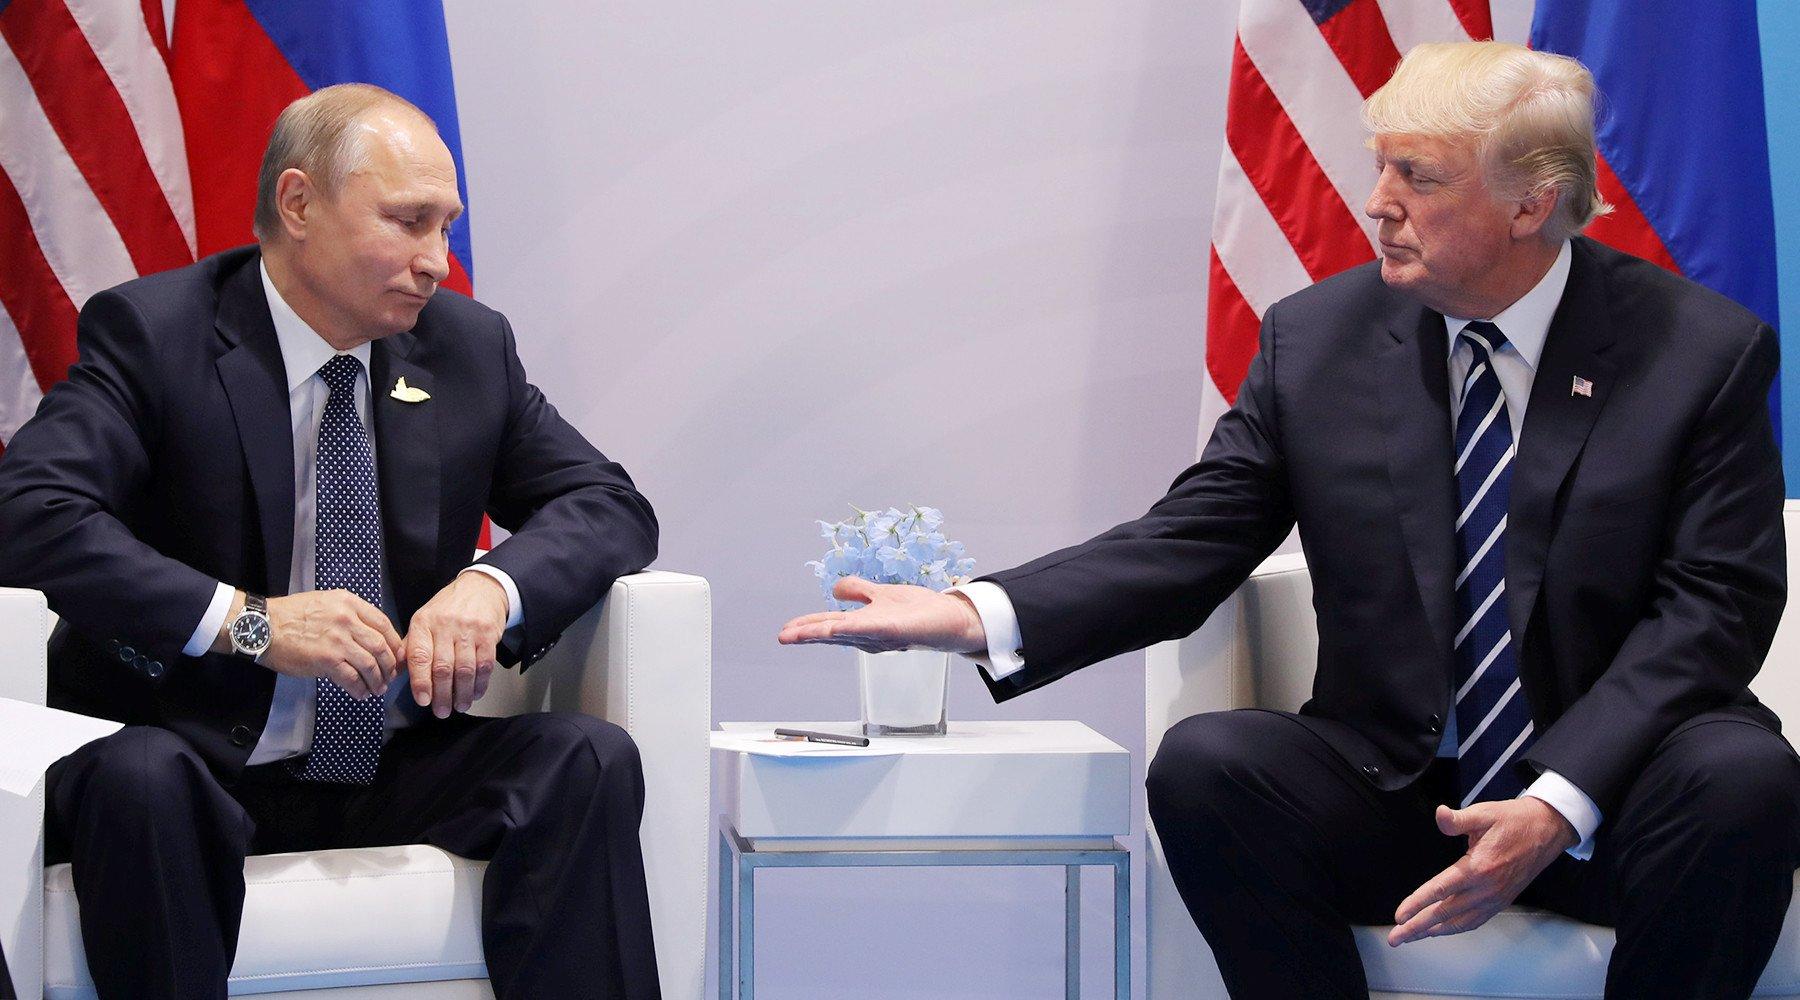 Трамп выдвинул Путину новое обвинение— распорядился посеять хаос